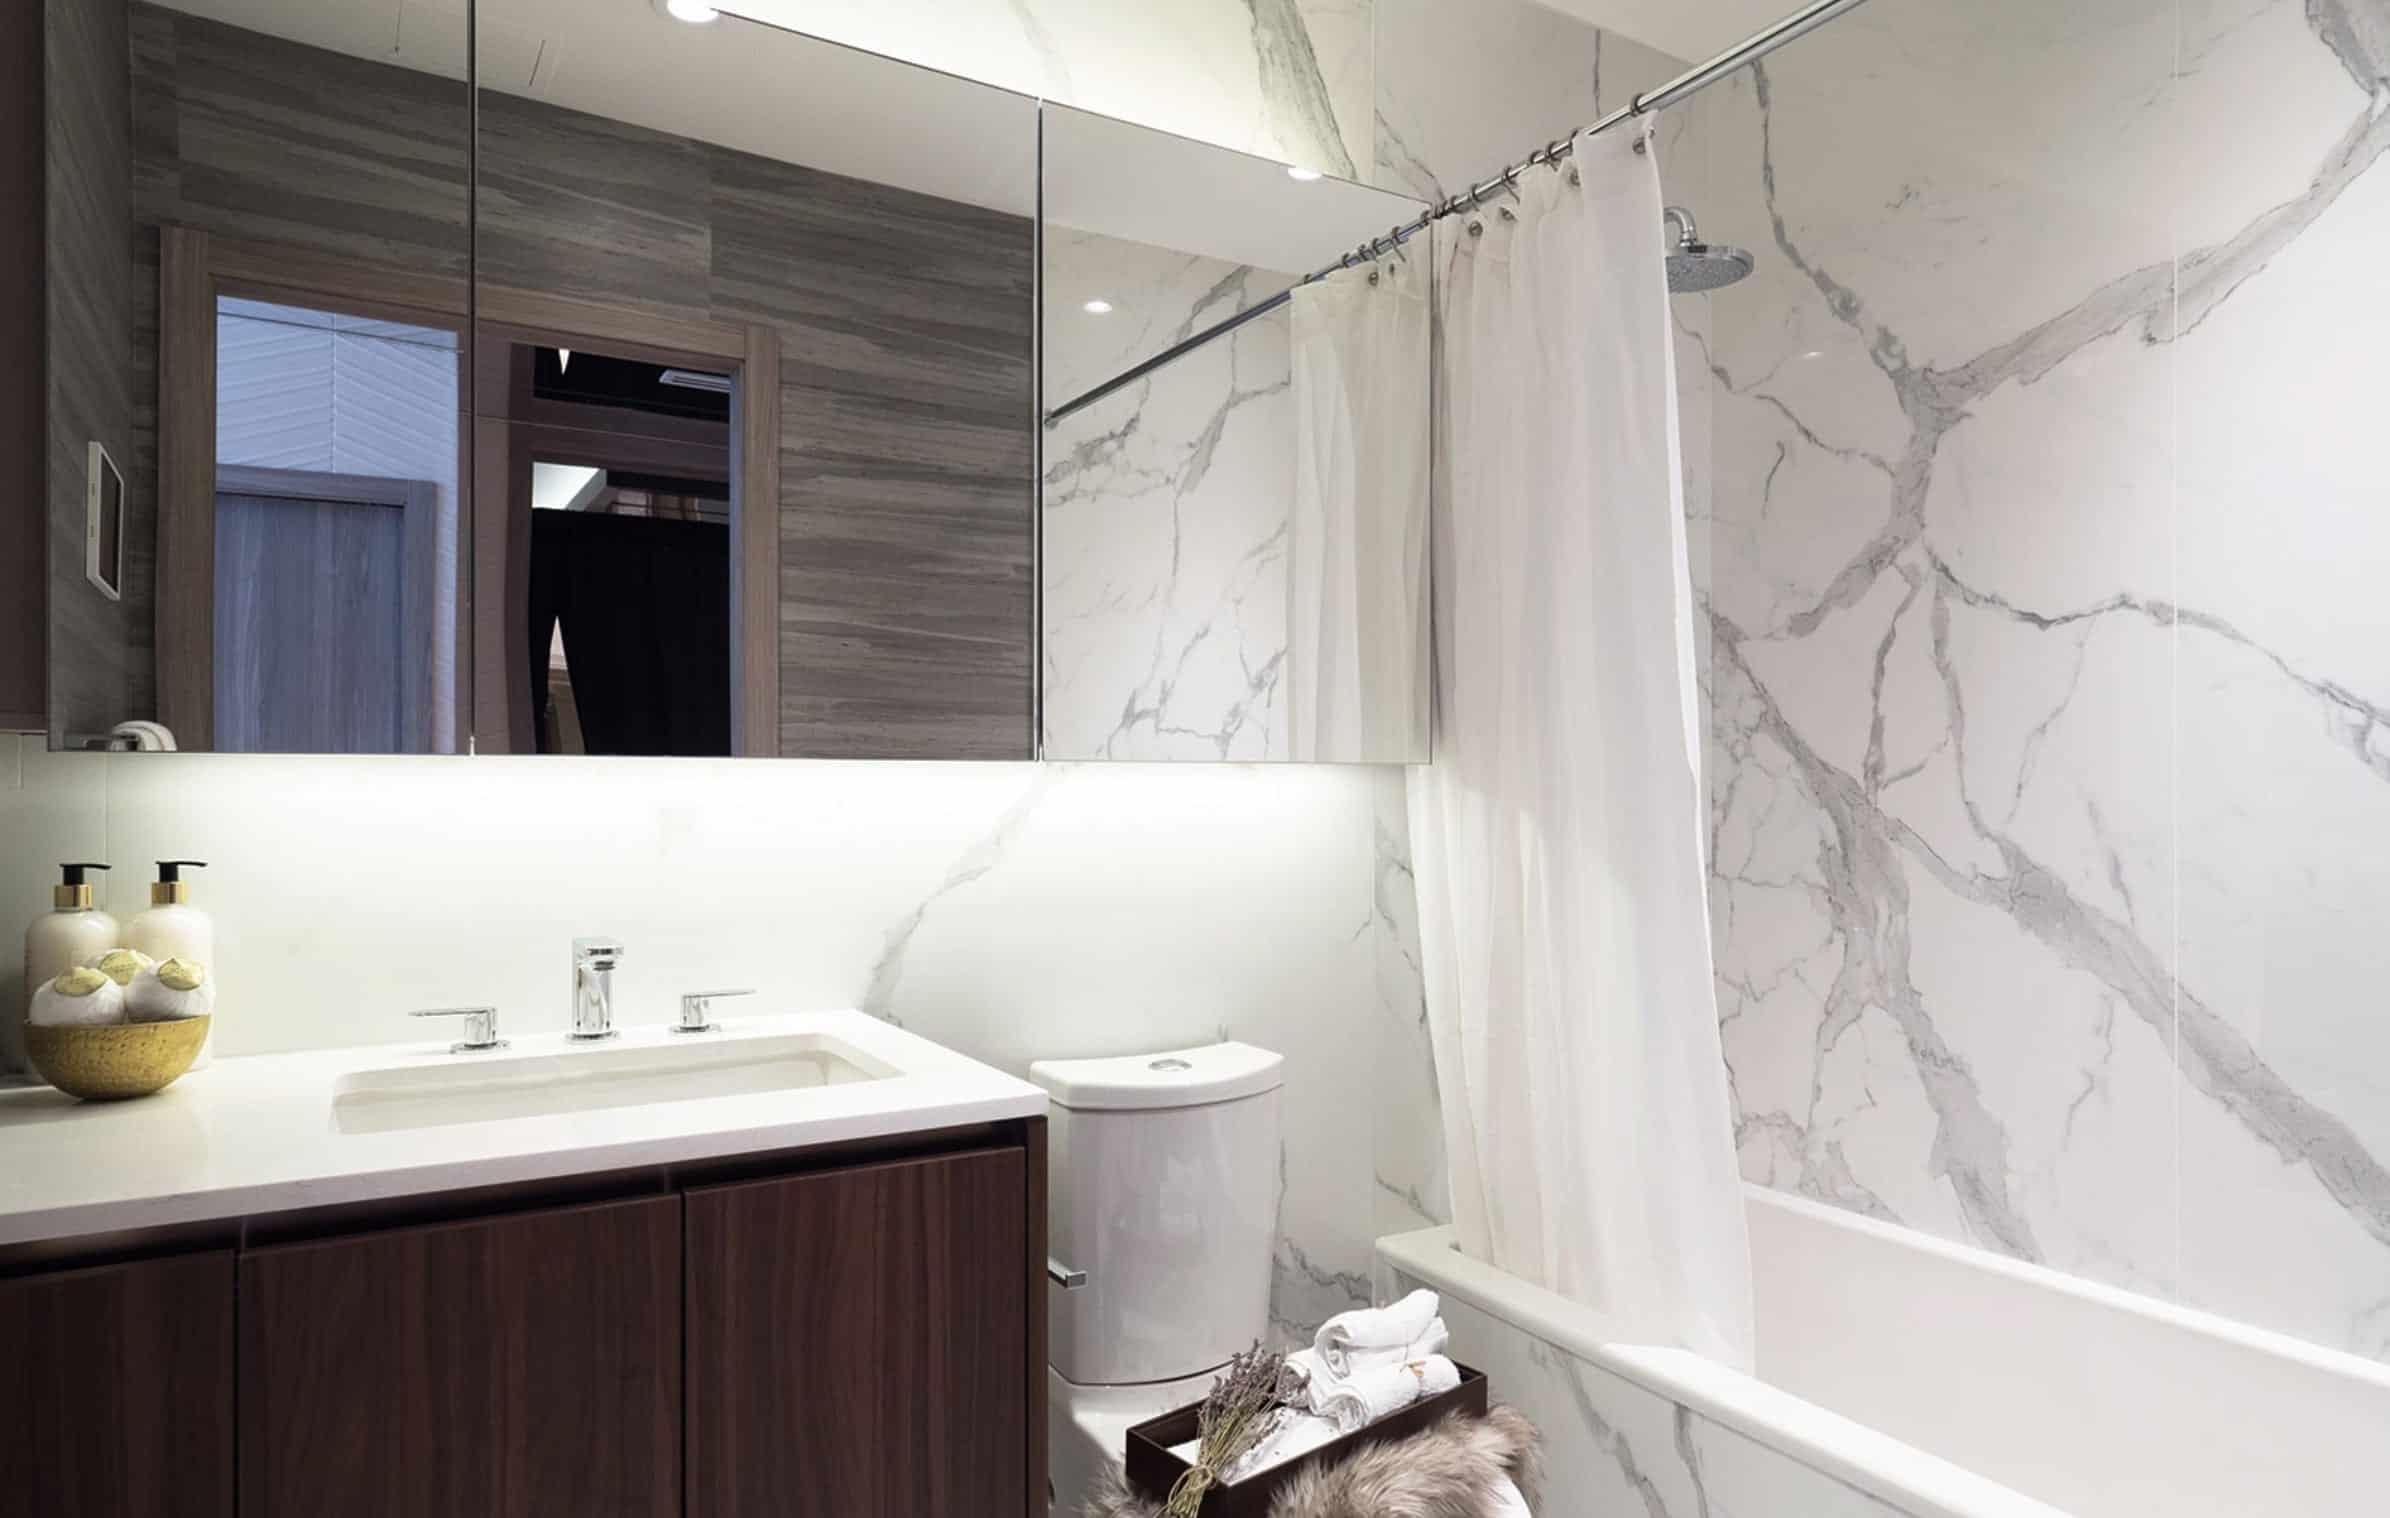 King's Landing Condos 2 Bathroom True Condos